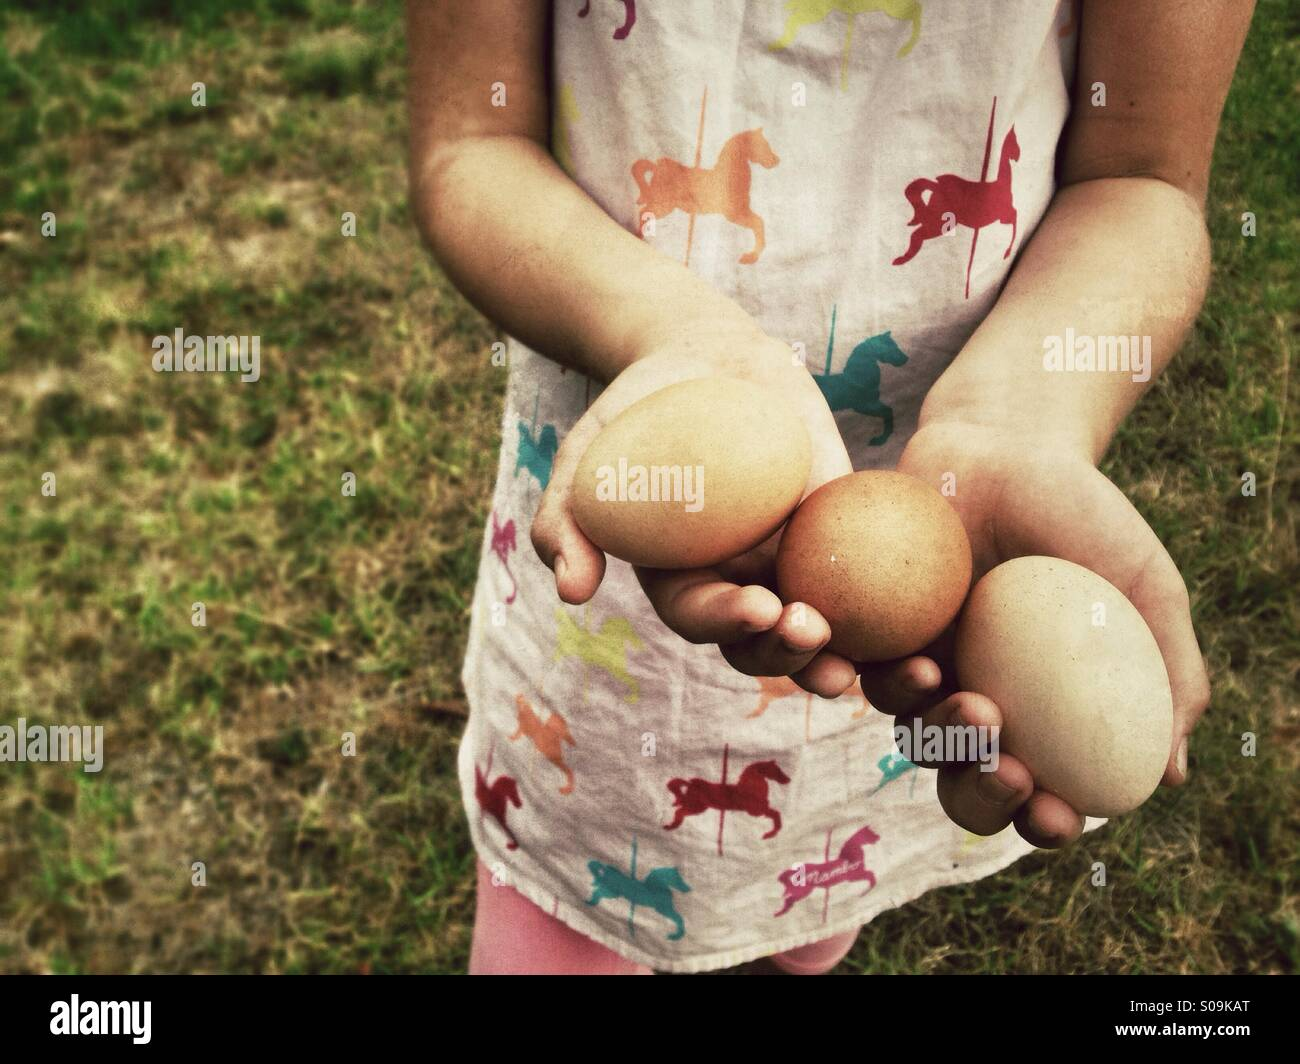 Tres huevos frescos en las manos de un niño. Imagen De Stock